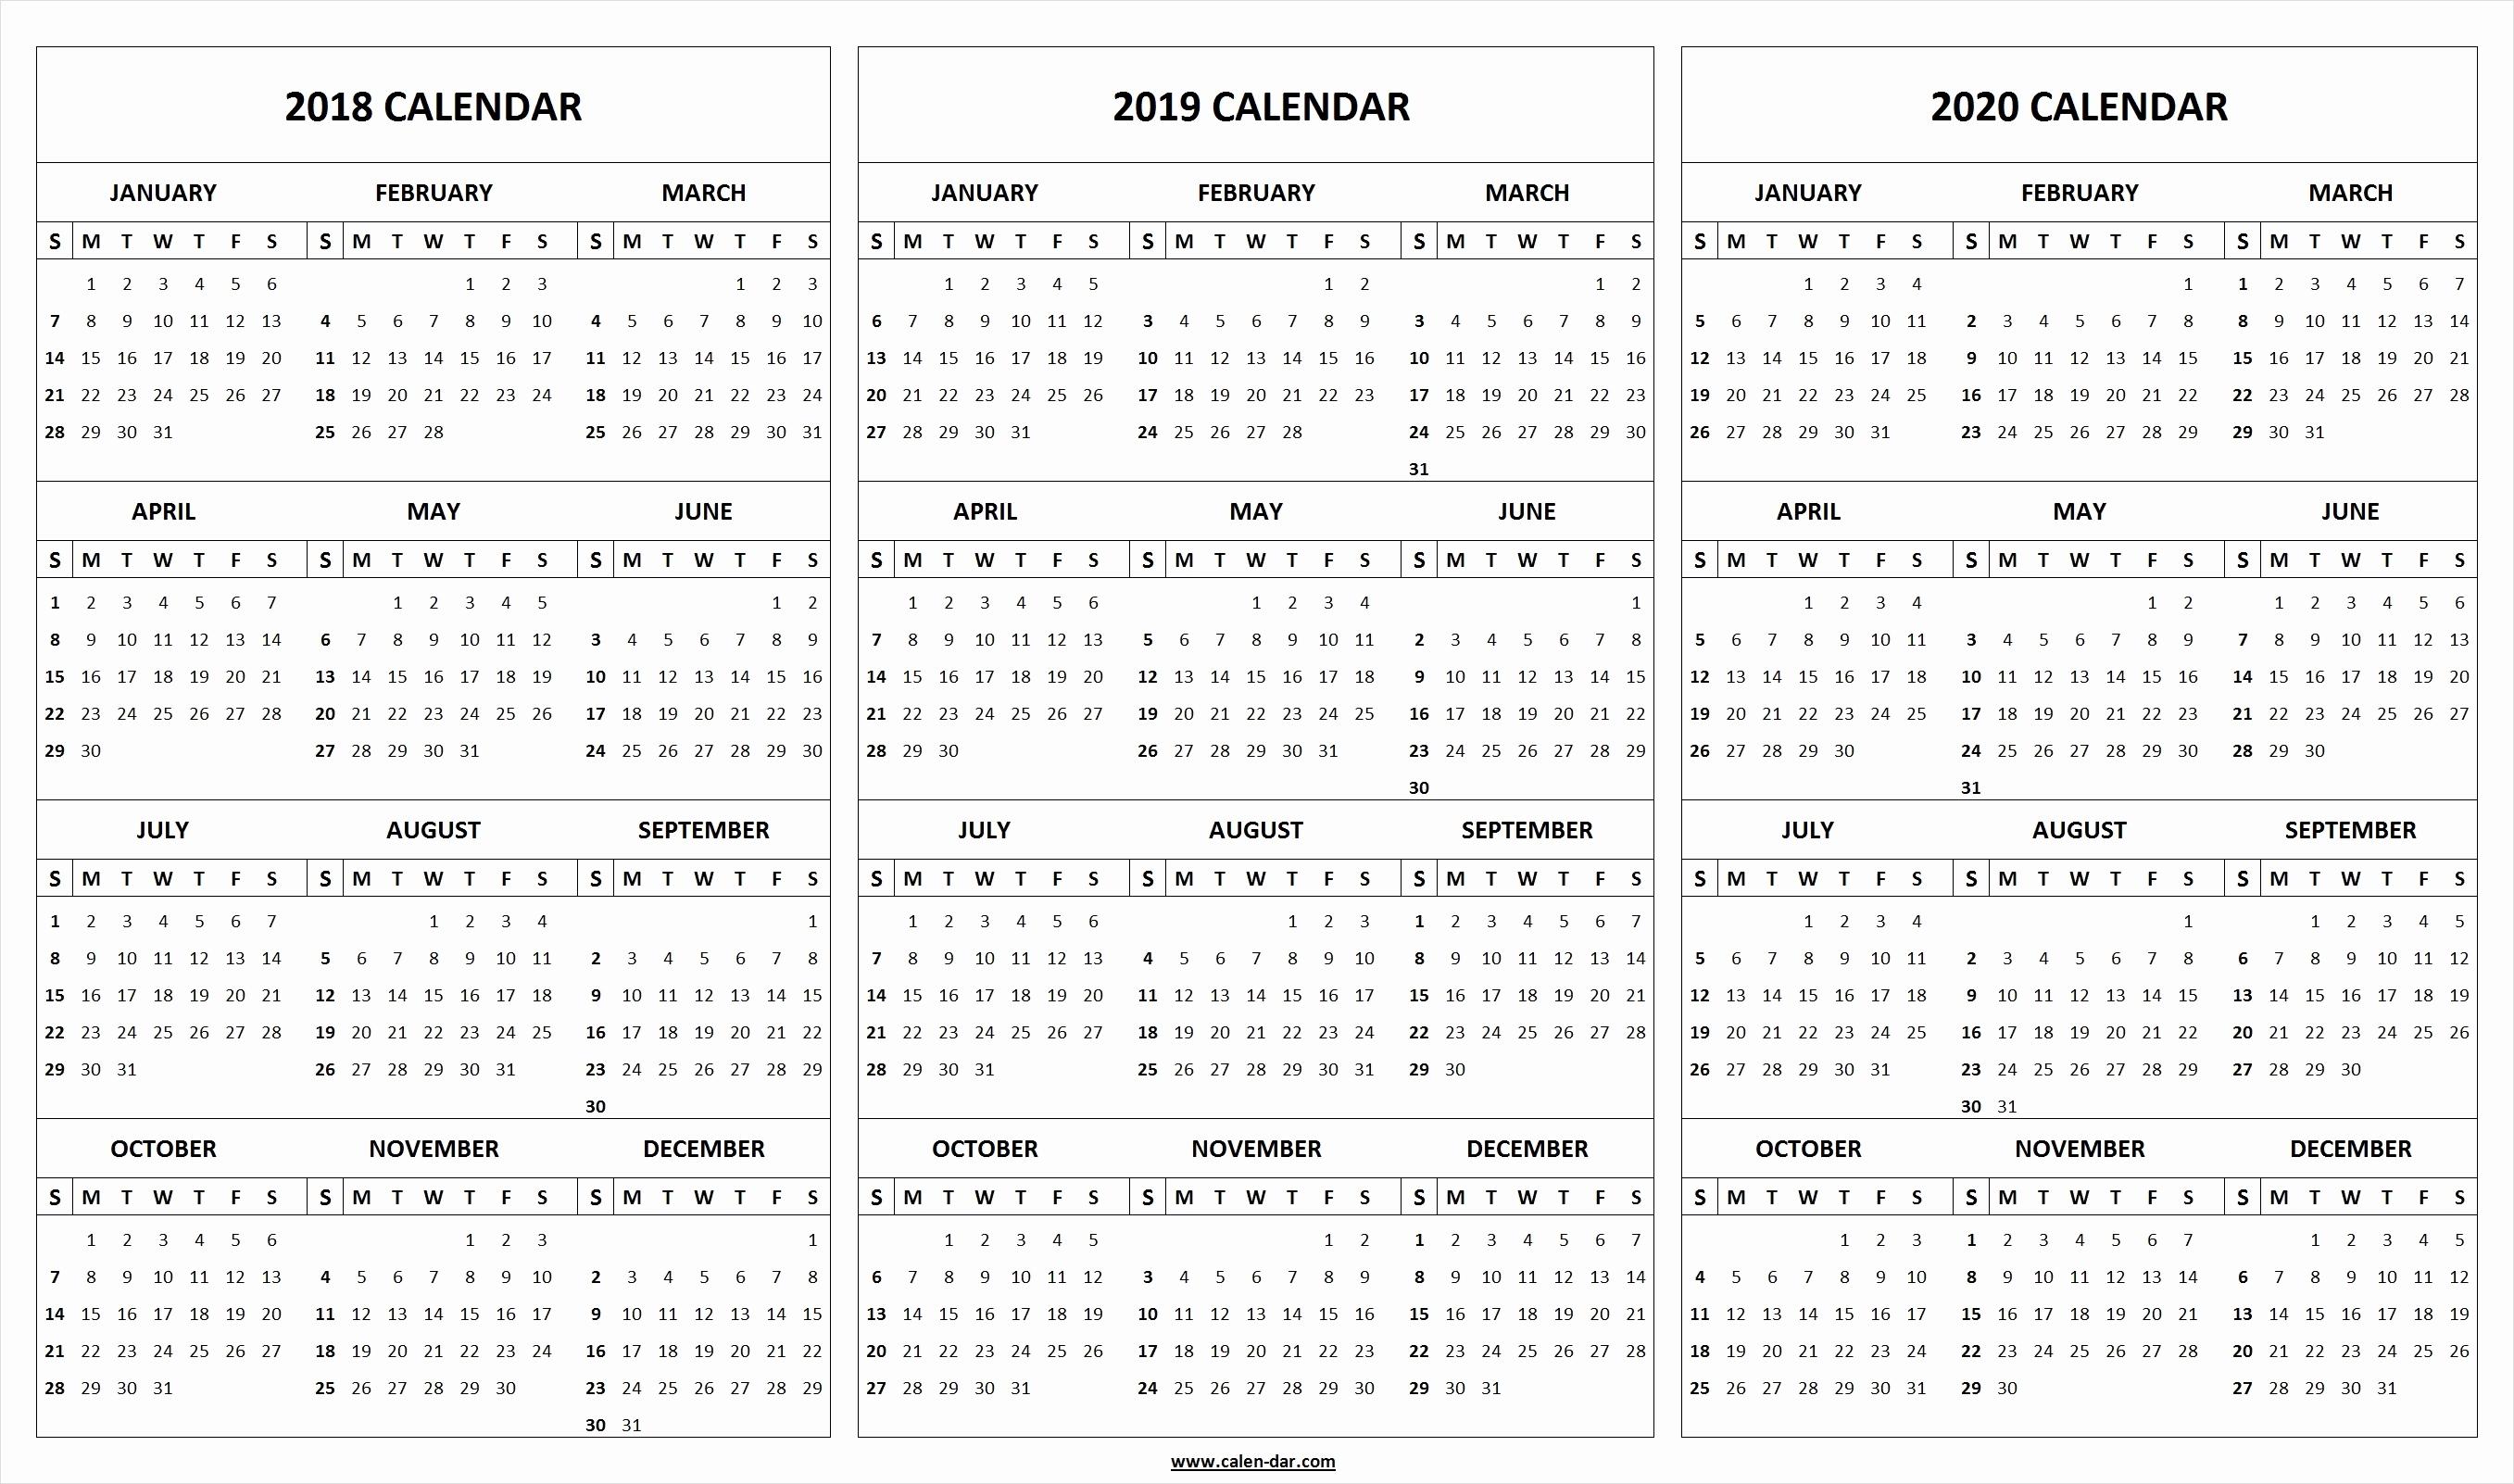 Printable 2019 2020 Academic Calendar Printable 2018 2019 2020 within 2019- 2020 Calendar Printable Uga